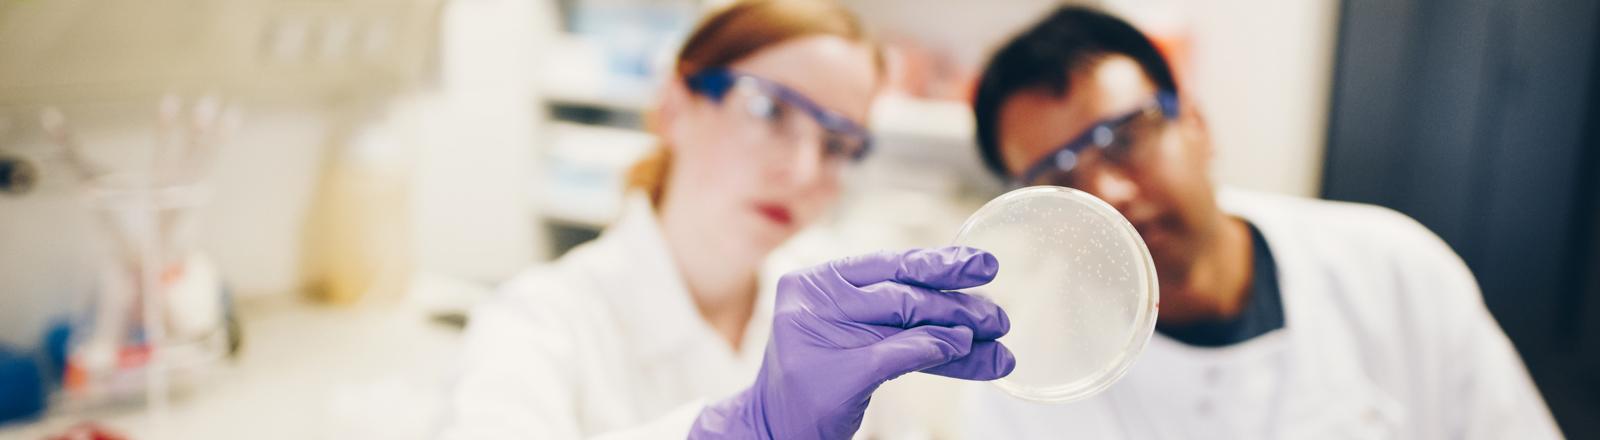 Wissenschaftler betrachten eine Petrischale.